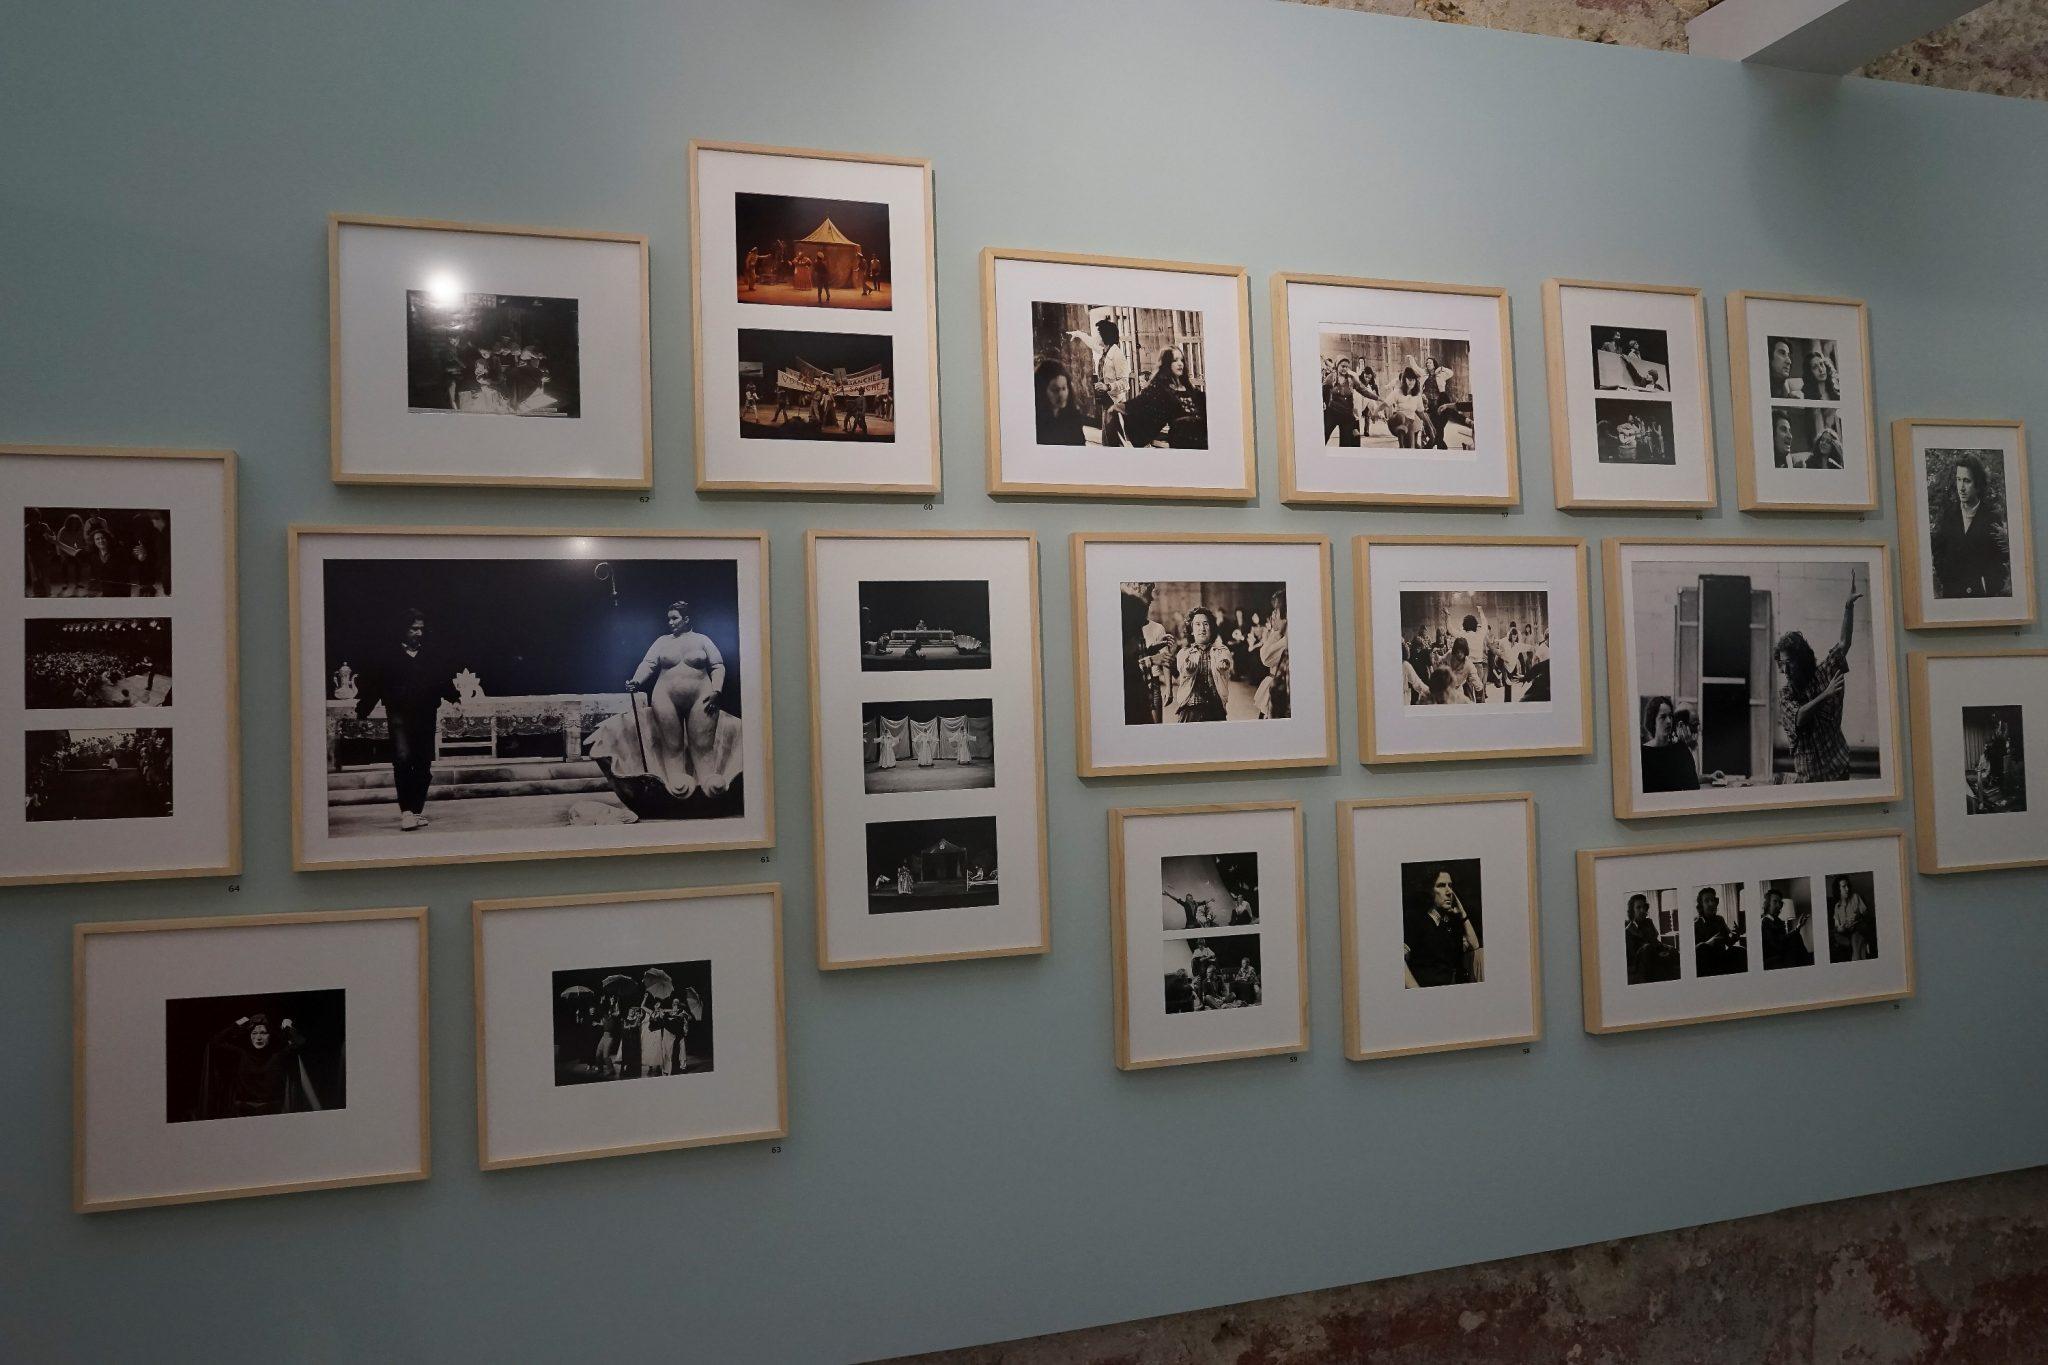 De frente para o observador uma parede, azul claro, exibindo várias fotografias emolduradas, a preto e branco e a cores.